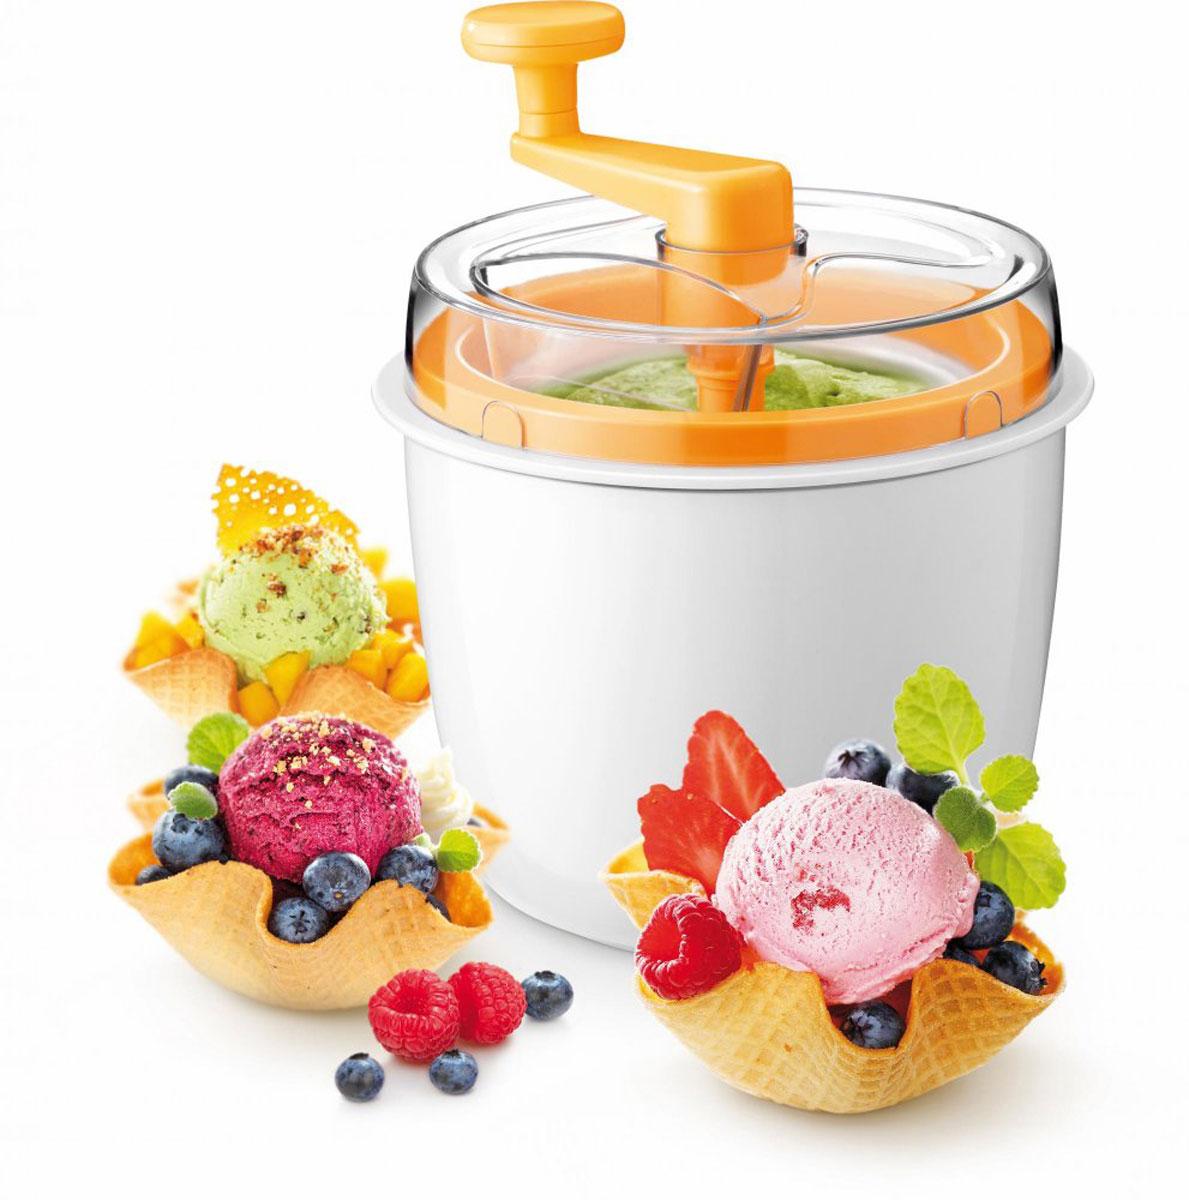 Приспособление для изготовления мороженого Tescoma Della Casa. 643180900637Приспособление Tescoma Della Casa отлично подходит для приготовления домашнего мороженого без консервантов, искусственных красителей и чрезмерных подсластителей. Приспособление для изготовления мороженого изготовлено из прочного высококачественного пластика, внутренний контейнер изготовлен из безопасного материала (алюминия).Рецепты приготовления домашнего мороженого, фруктового мороженого, шоколадного, творожного или йогуртного мороженого и сорбета прилагаются в комплекте.Все пластмассовые детали приспособления пригодны для мытья в посудомоечной машине. Контейнер для замораживания c охладителем необходимо промывать под проточной водой и высушивать. Контейнер не пригоден для мытья в посудомоечной машине.Объем контейнера: 600 мл. Размер приспособления: 16 х 16 х 23 см.